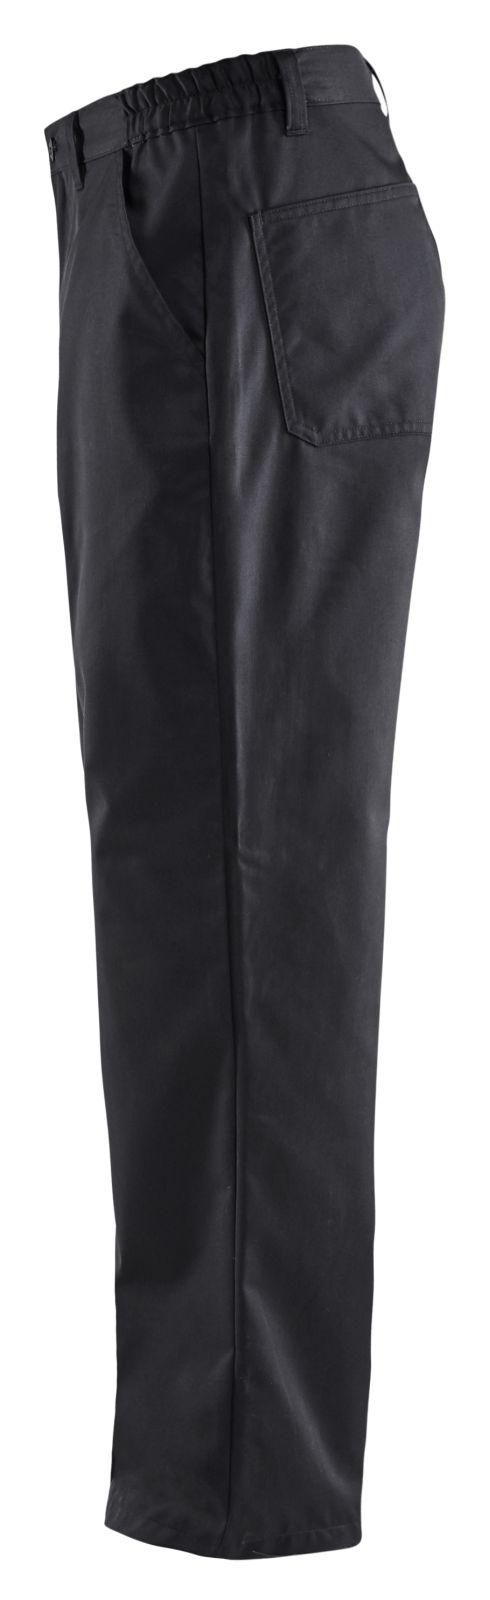 Blaklader Werkbroeken 17251800 zwart(9900)